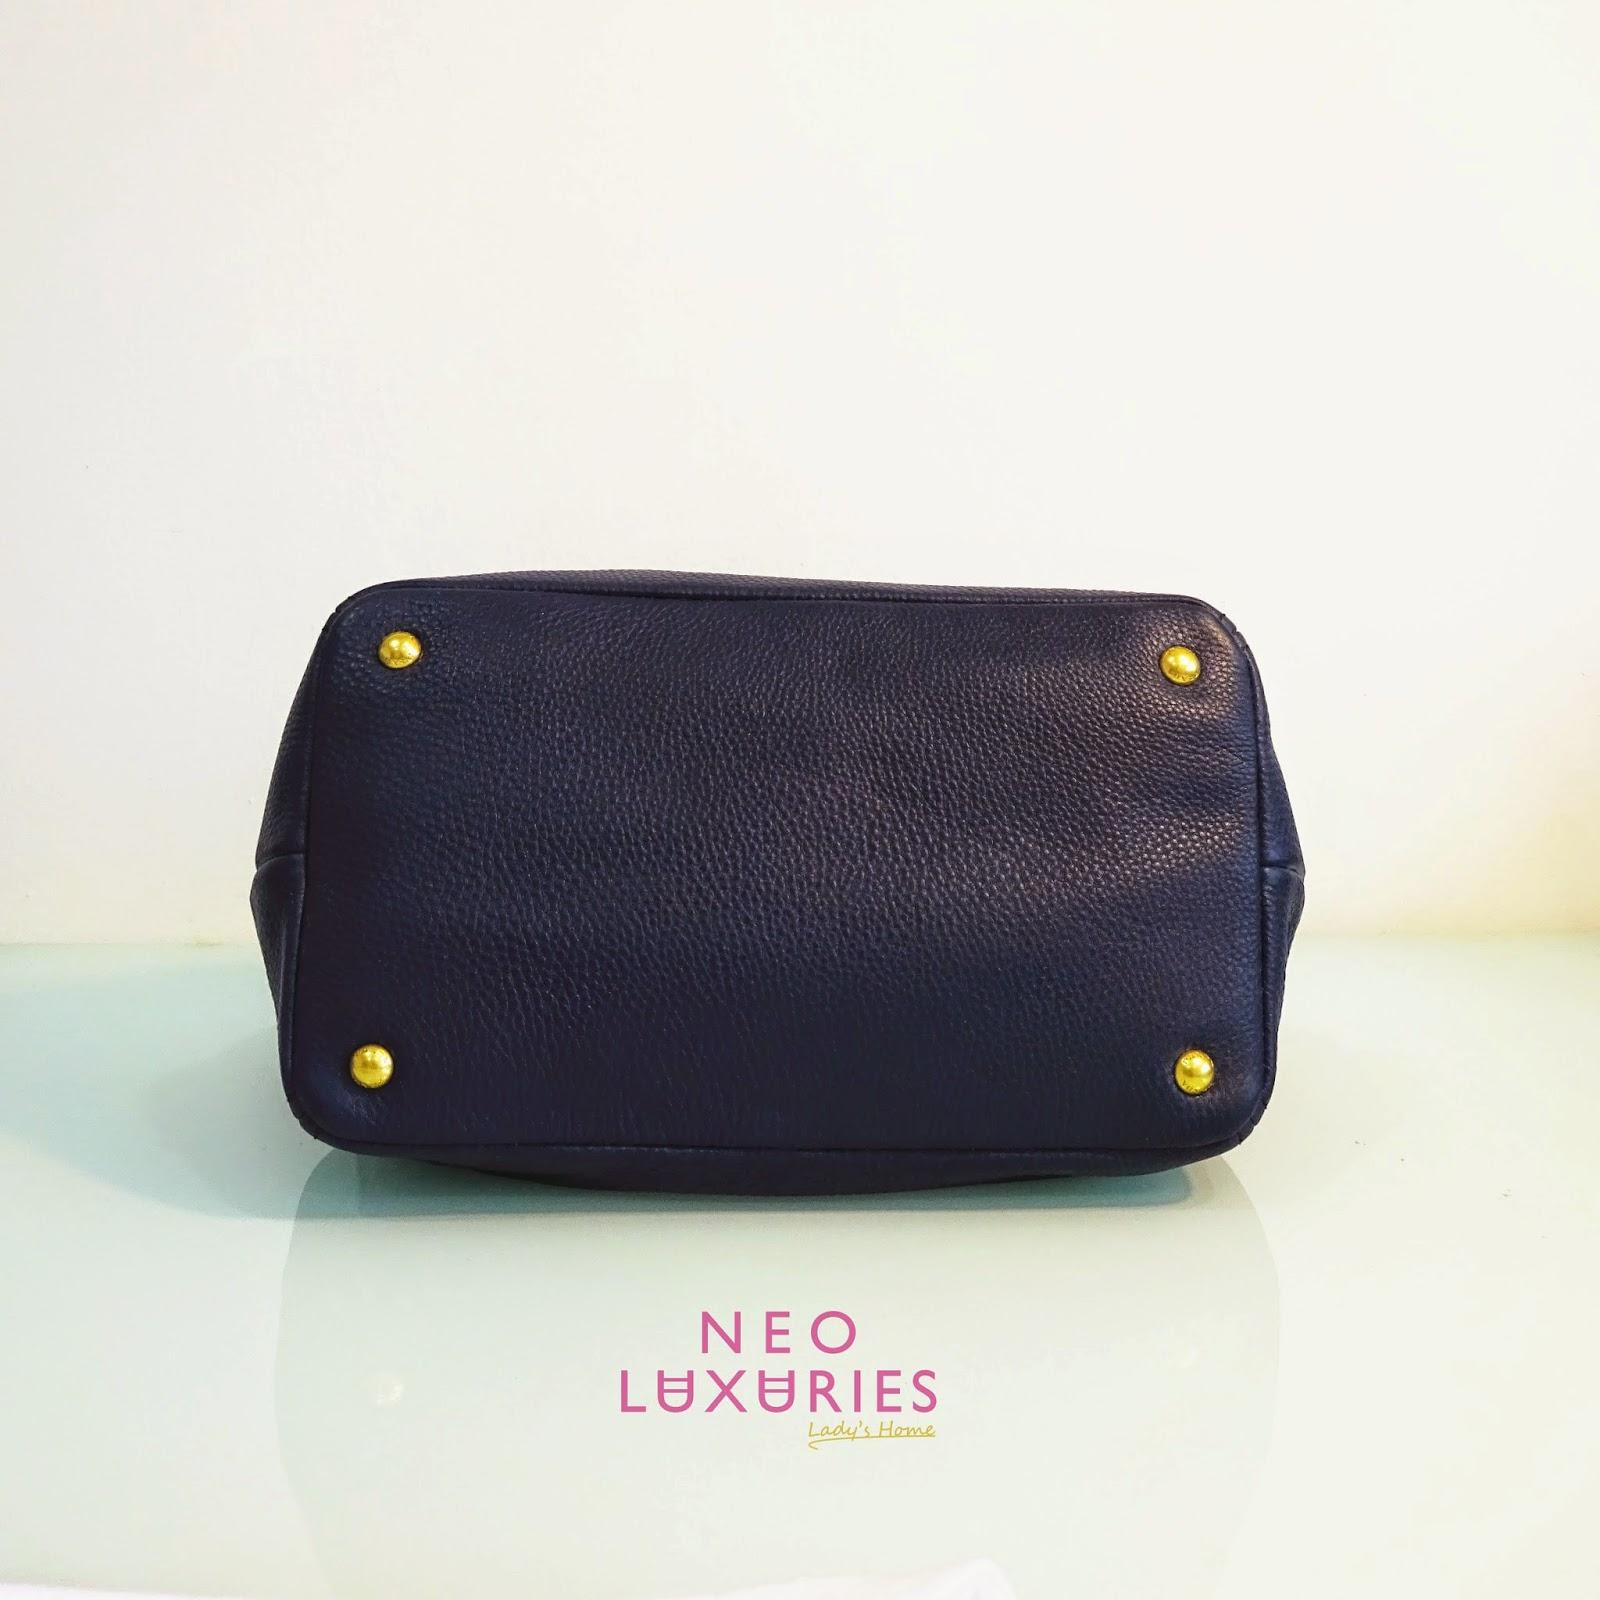 prada cross body handbags - Neo LUXuries: SOLD: PRADA Vitello Daino Calf Leather Bag - BN2534